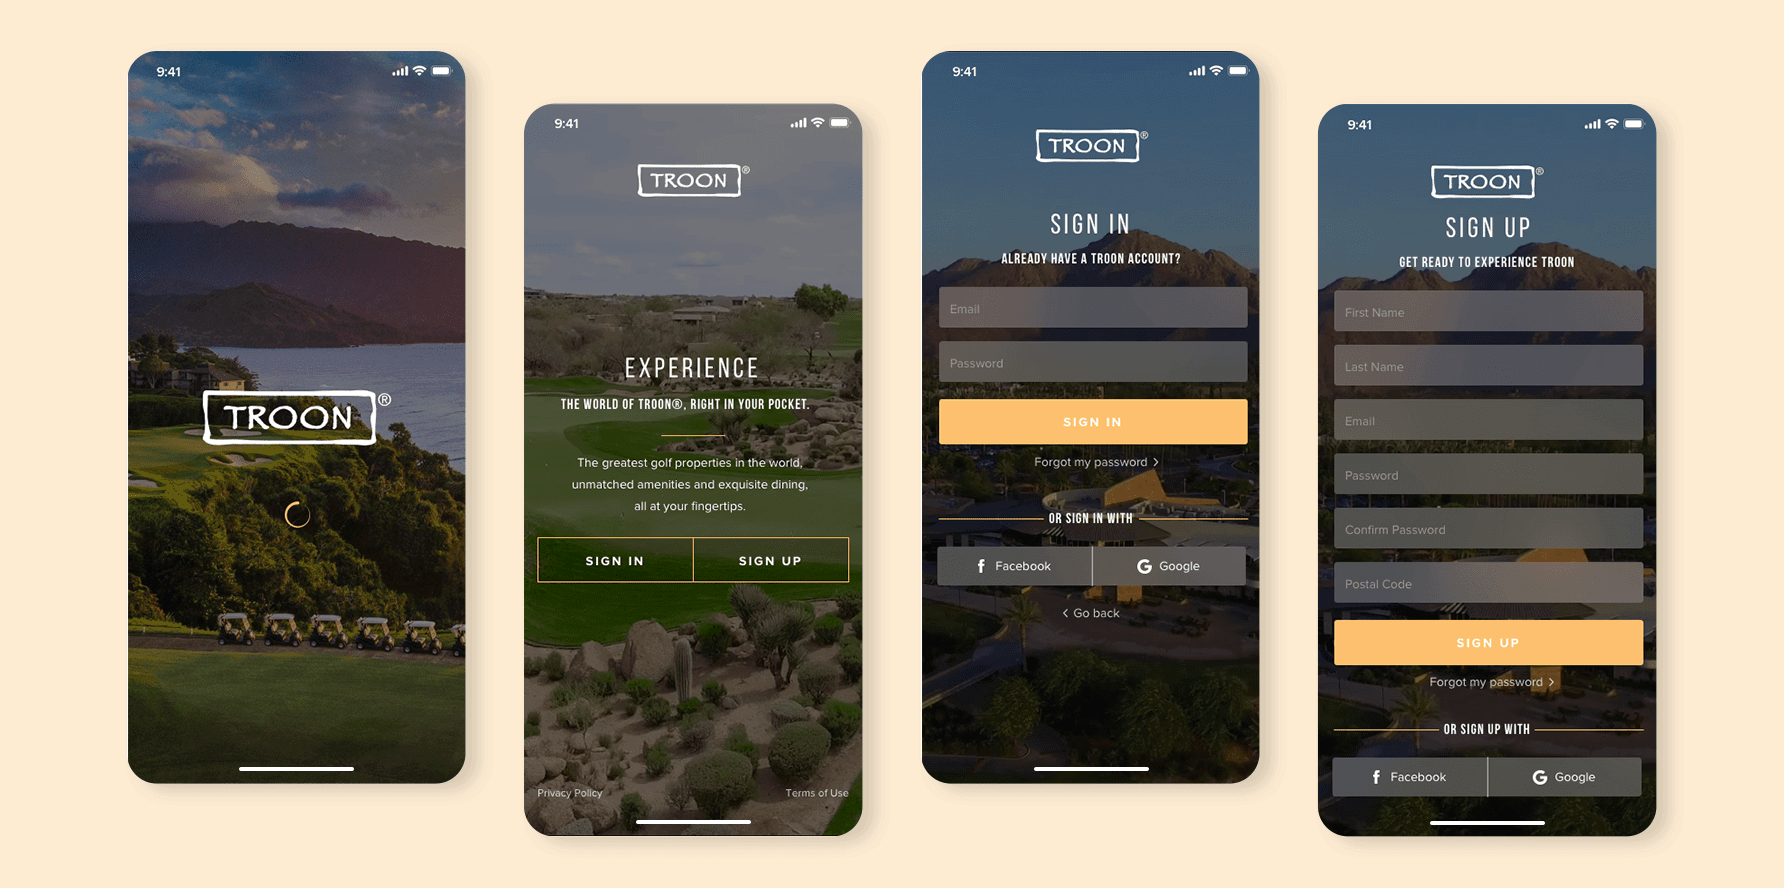 Troon App - Onboarding